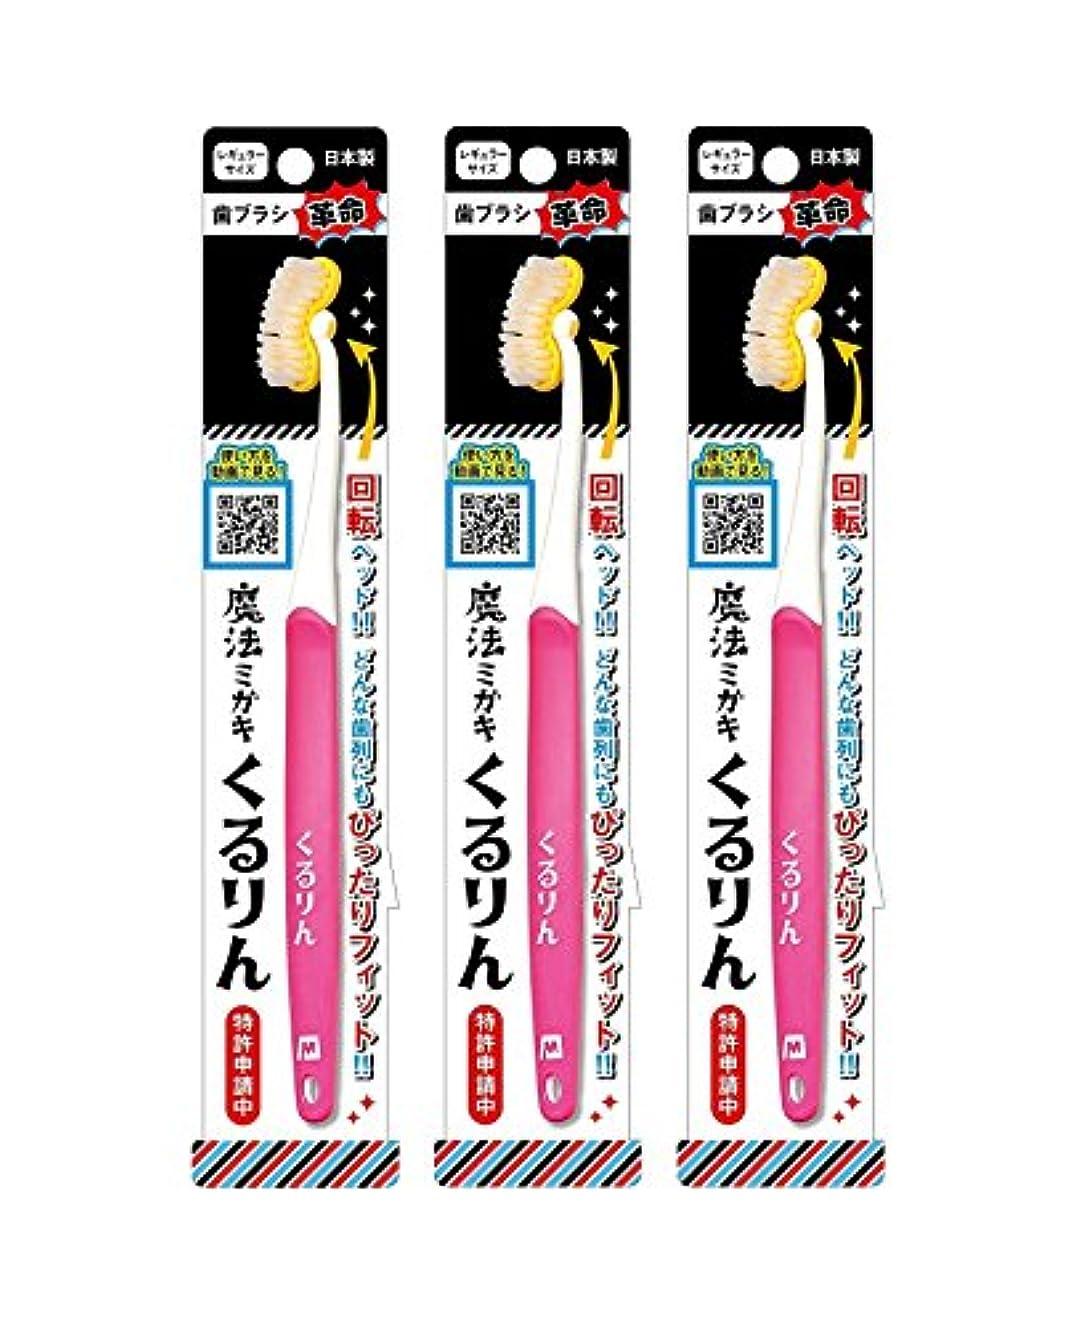 時代遅れ慰め動く歯ブラシ革命 魔法ミガキくるりん MM-150 ピンク 3本セット